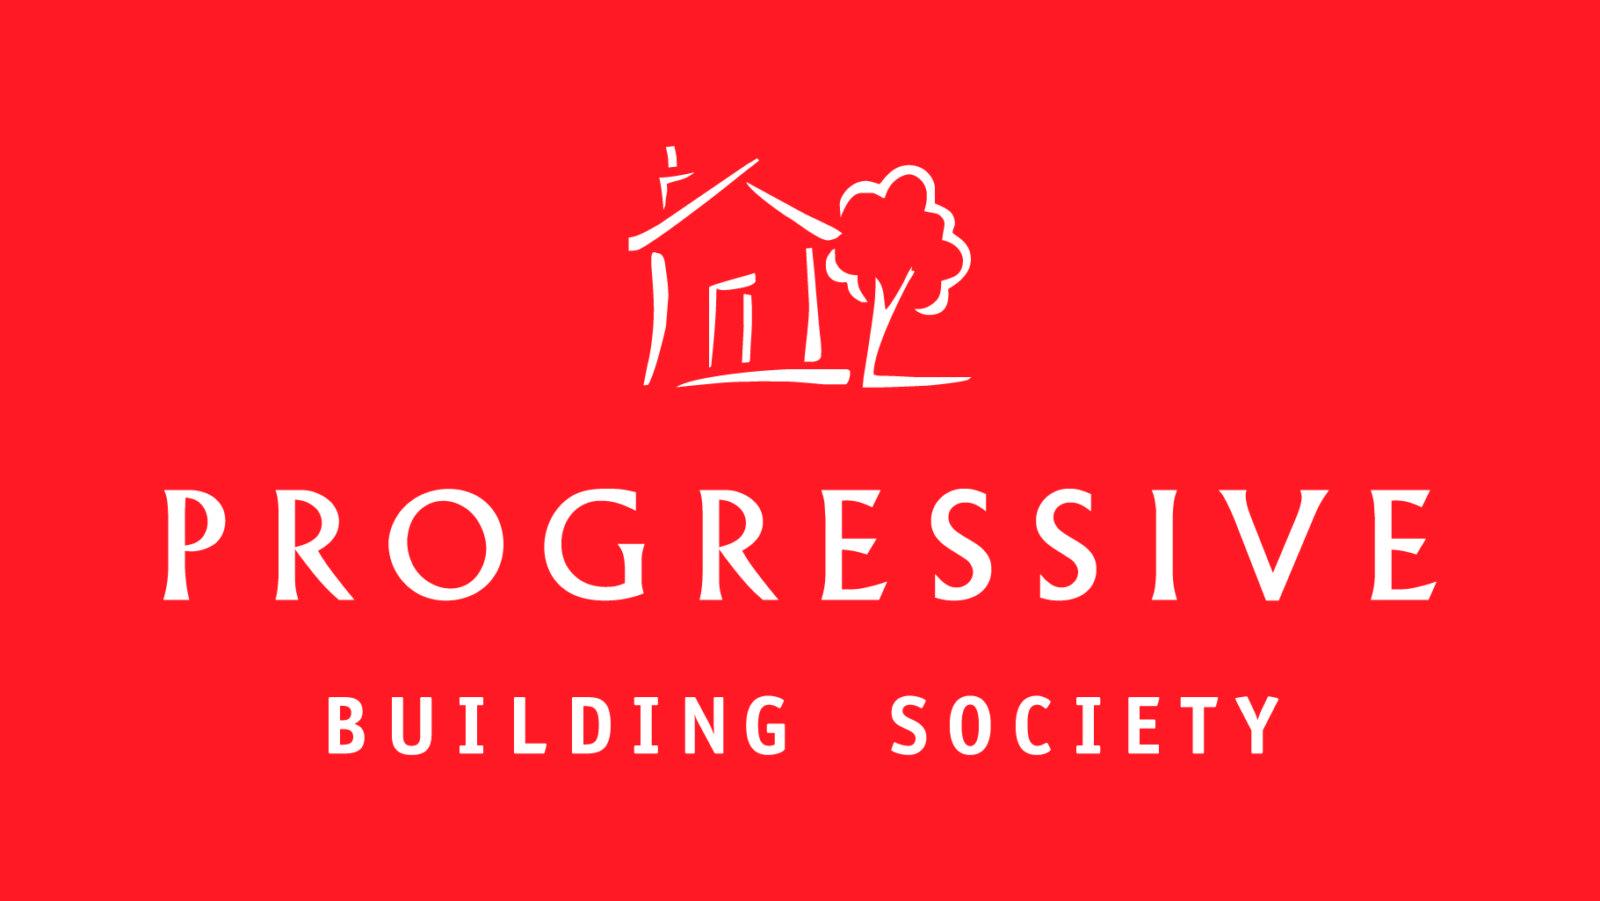 Progressive Building Society